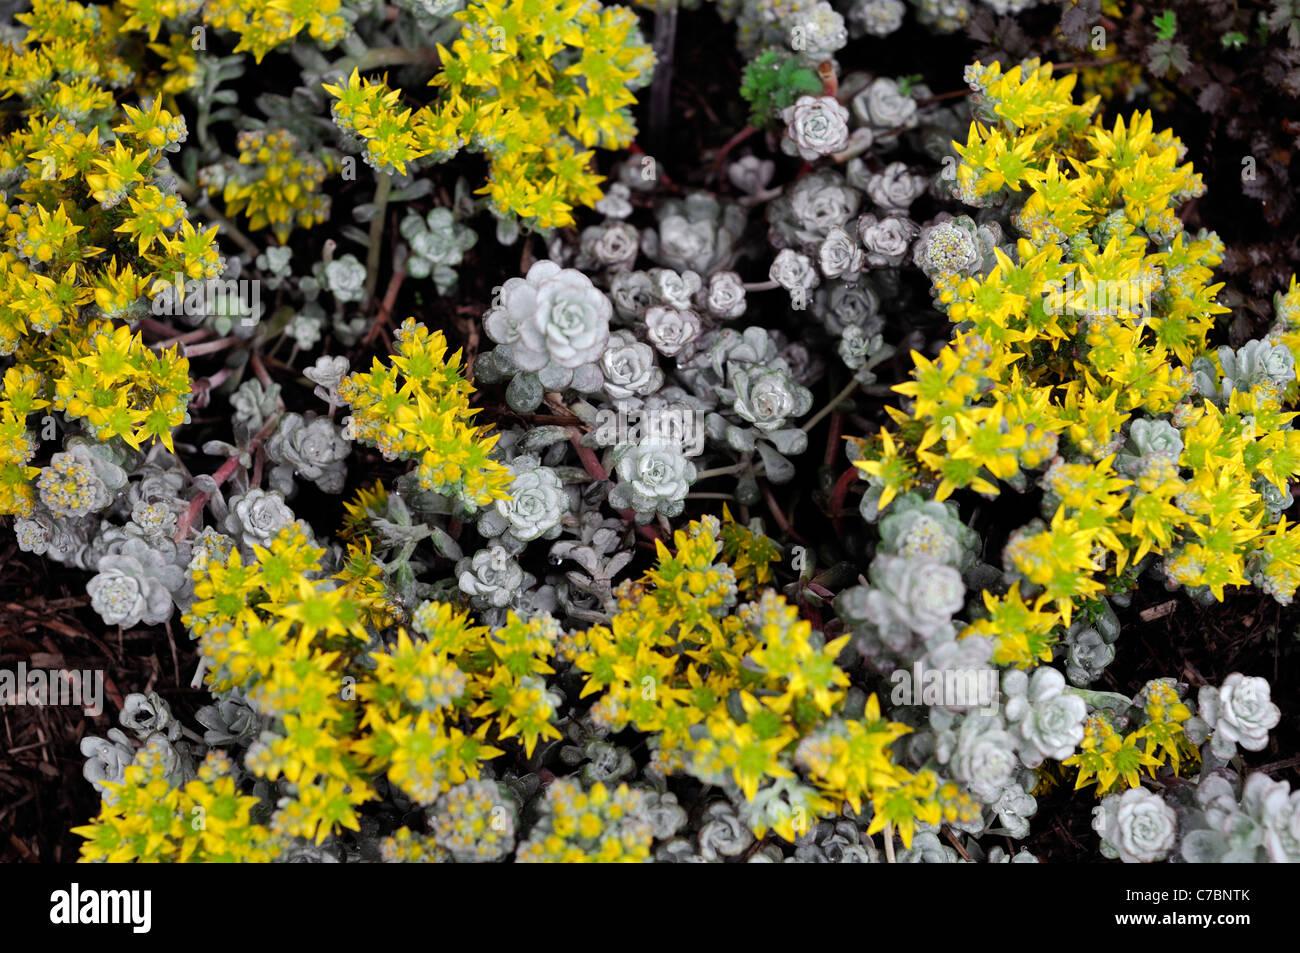 Sedum spathulifolium cape blanco stonecrop yellow stonecrop flower sedum spathulifolium cape blanco stonecrop yellow stonecrop flower bloom blossom succulent ground cover mightylinksfo